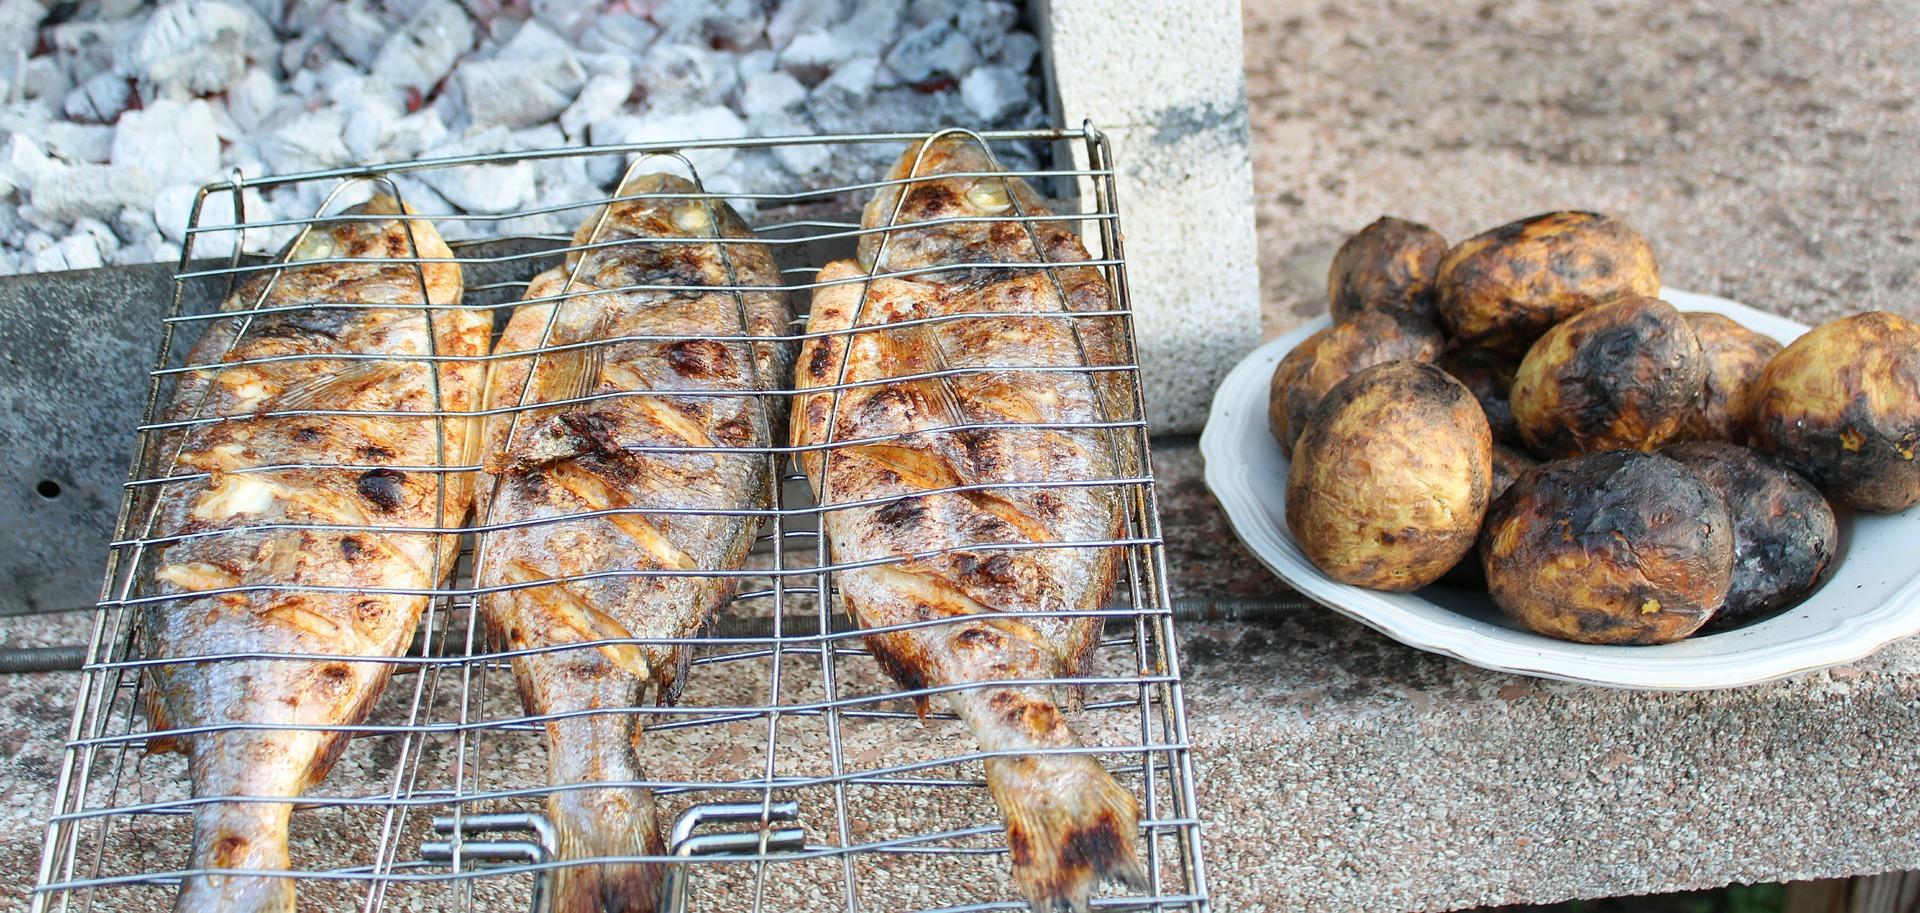 Uma grelha para peixe com três sardinha em cima de uma mesa de pedra. Ao lado existe um prato branco com batatas cozidas.